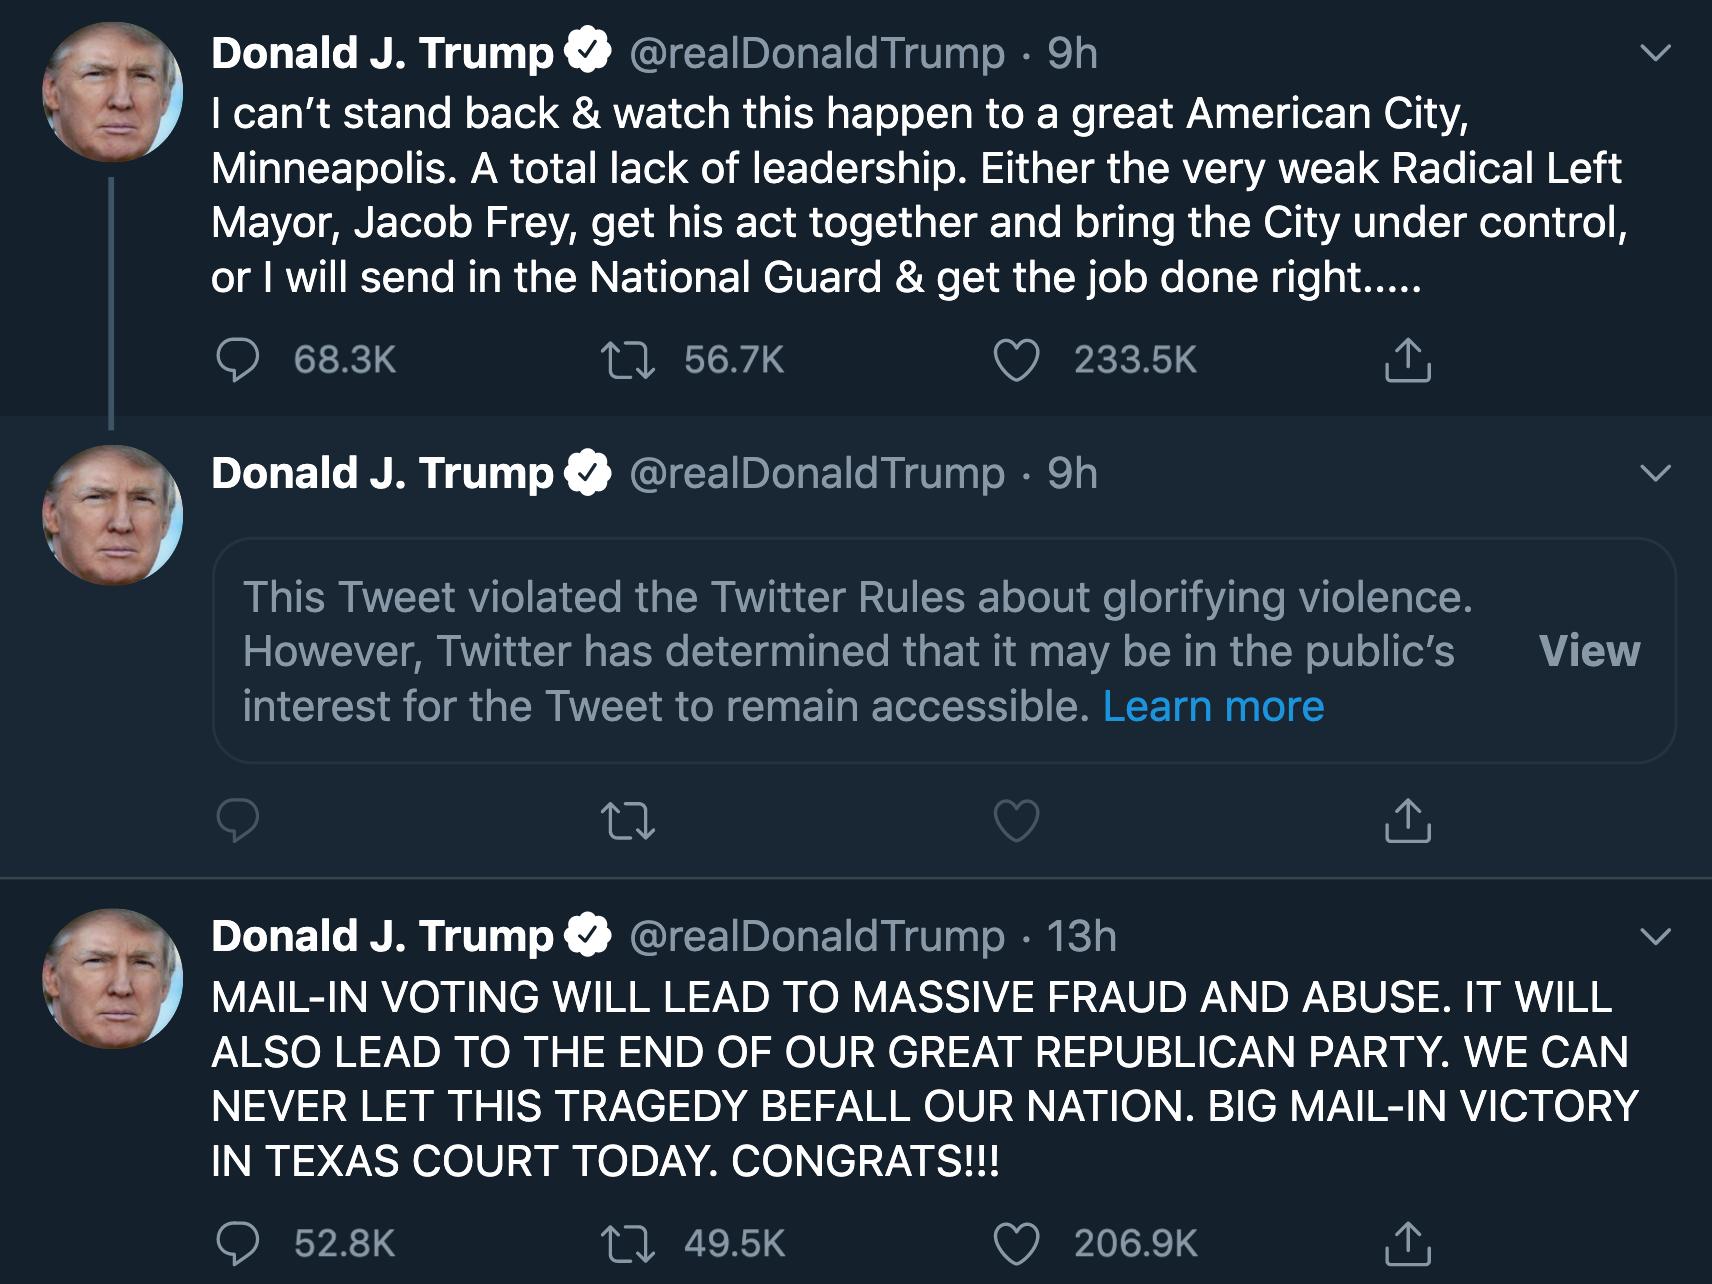 ツイッター、トランプ大統領のツイートに「暴力賛美」の警告